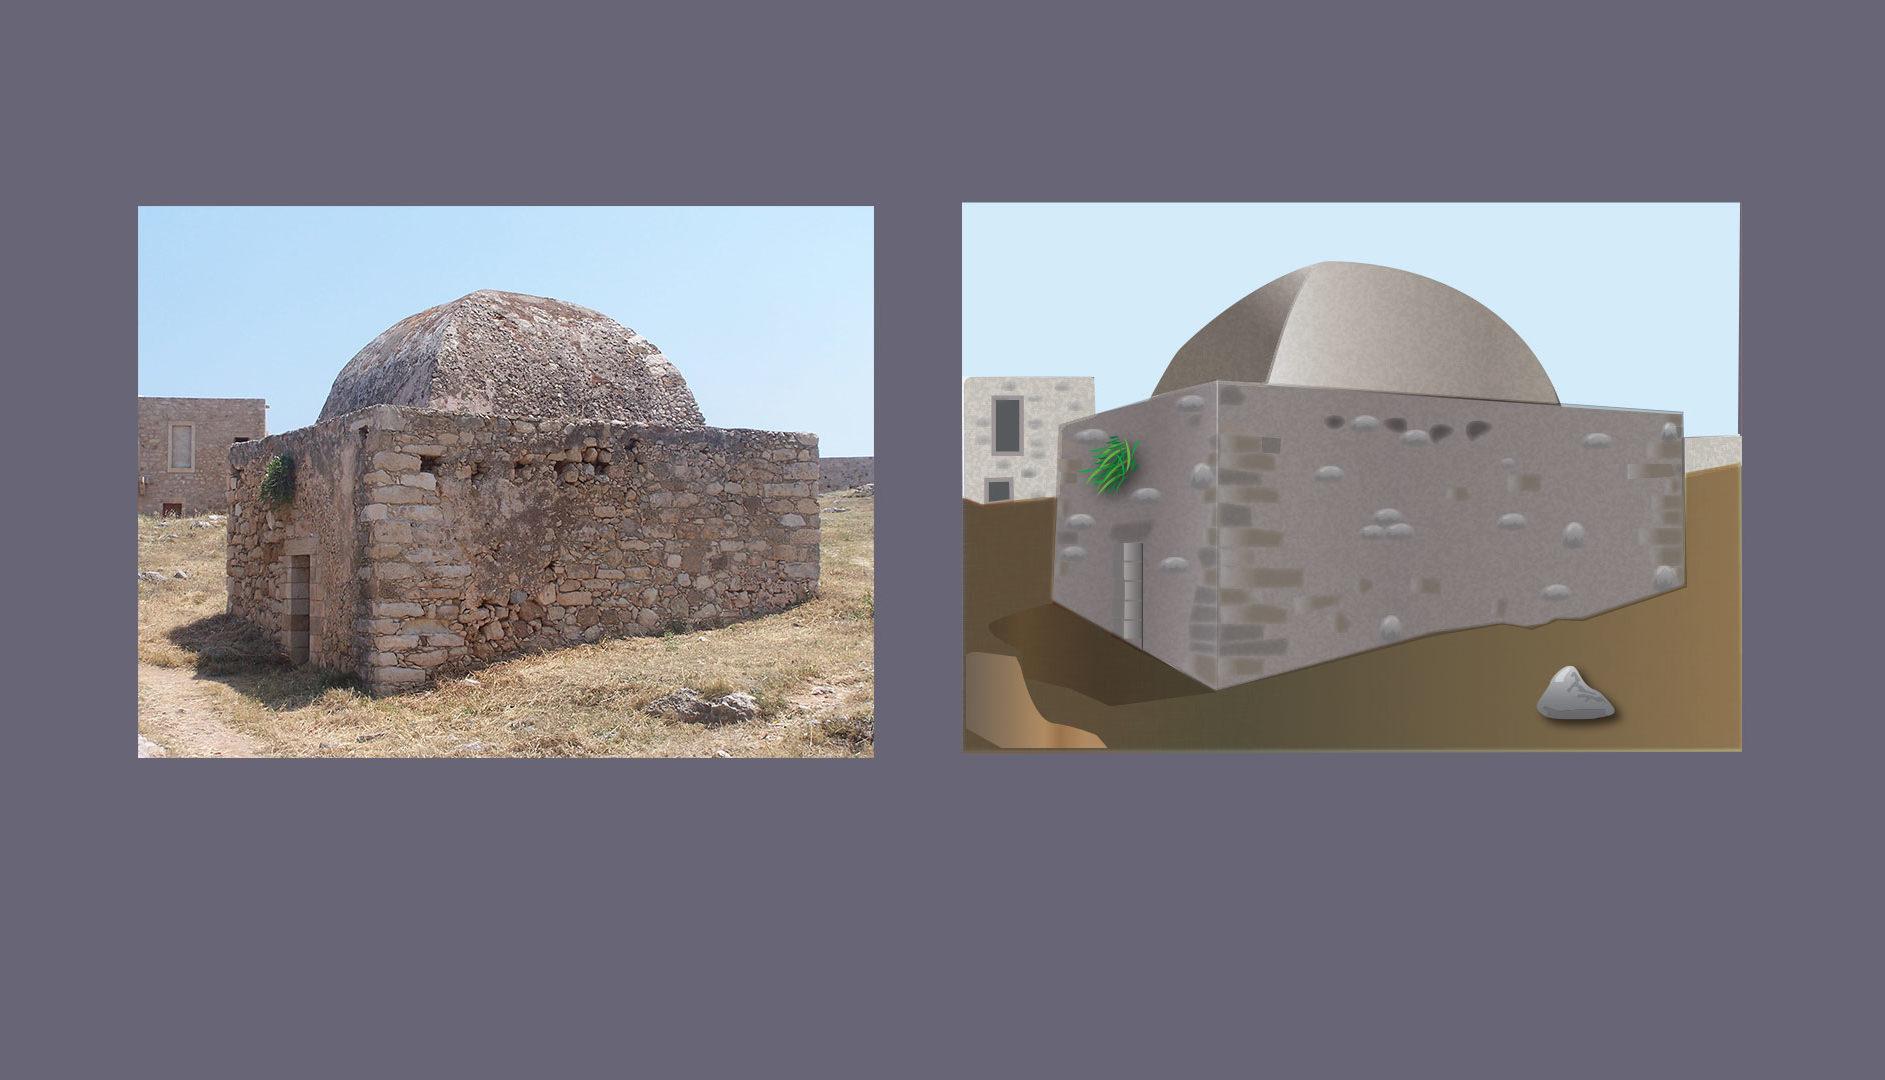 Paysage de Crète - Image vectorielle d'après photographie